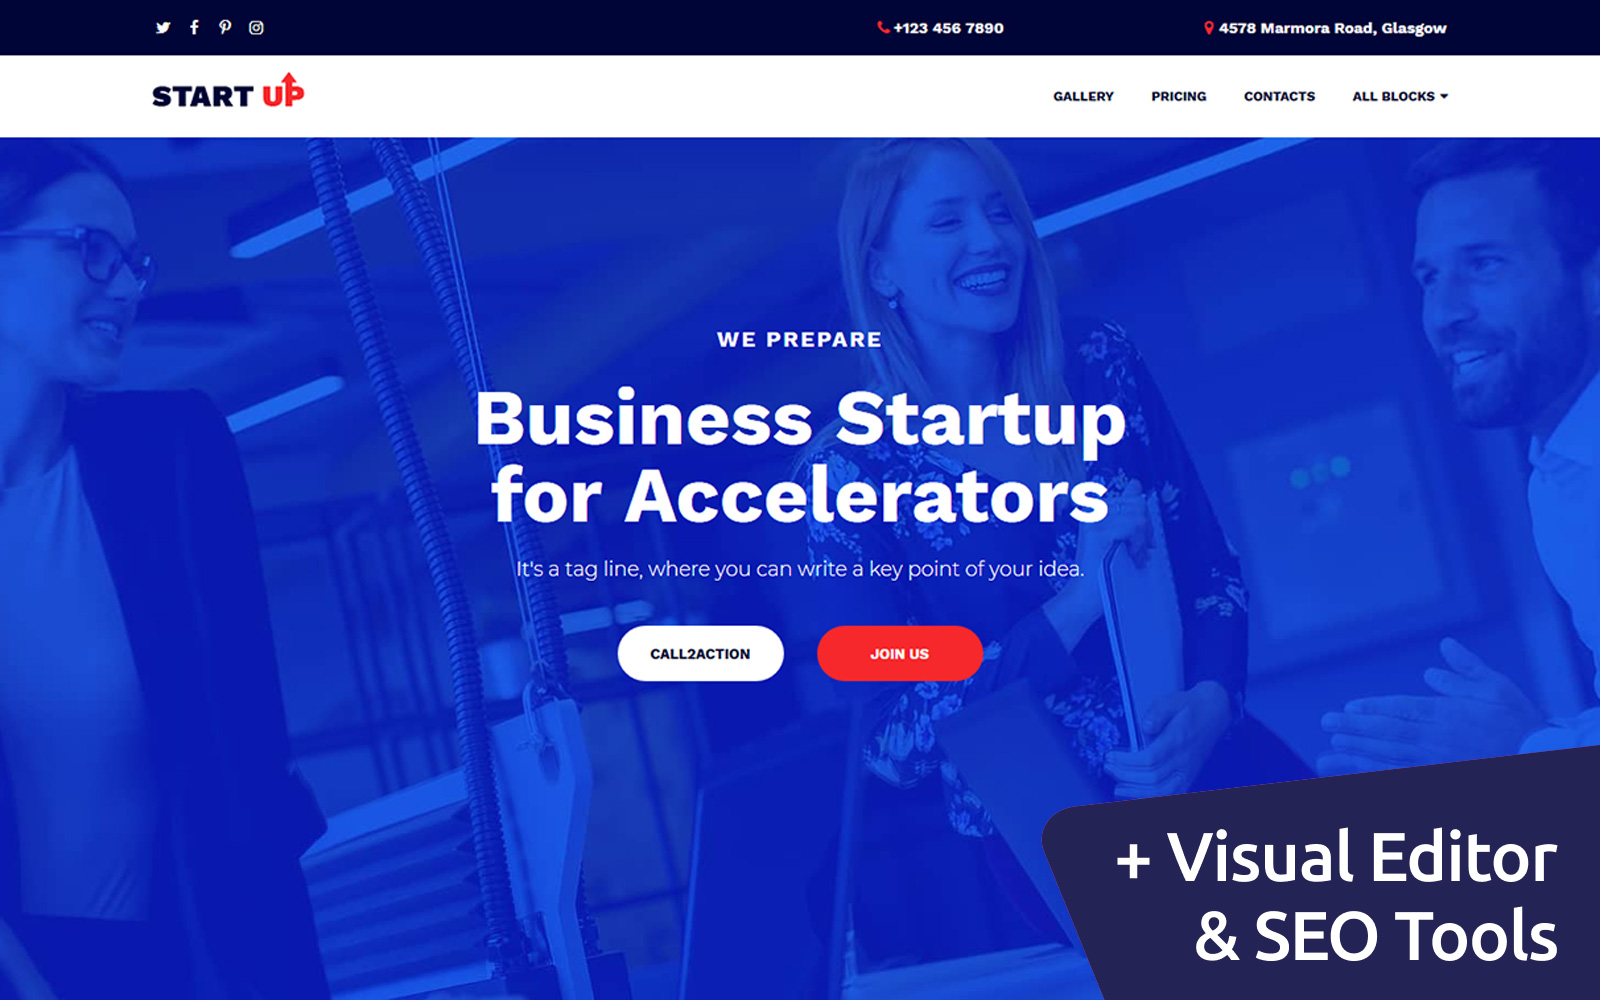 Startup Companies & Accelerators Açılış Sayfası #102890